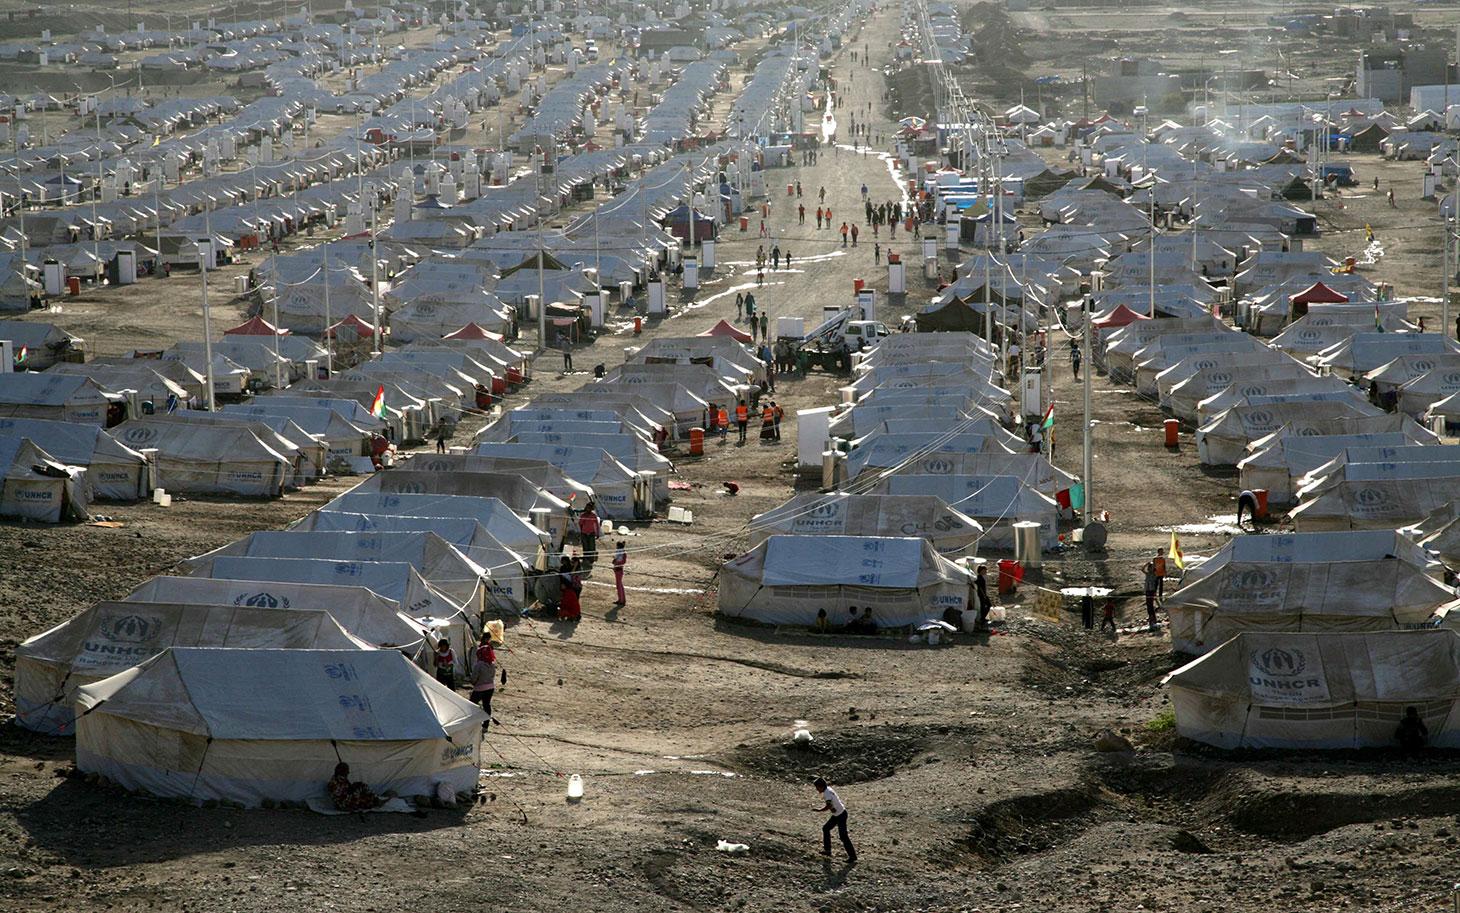 via america.aljazeera.com